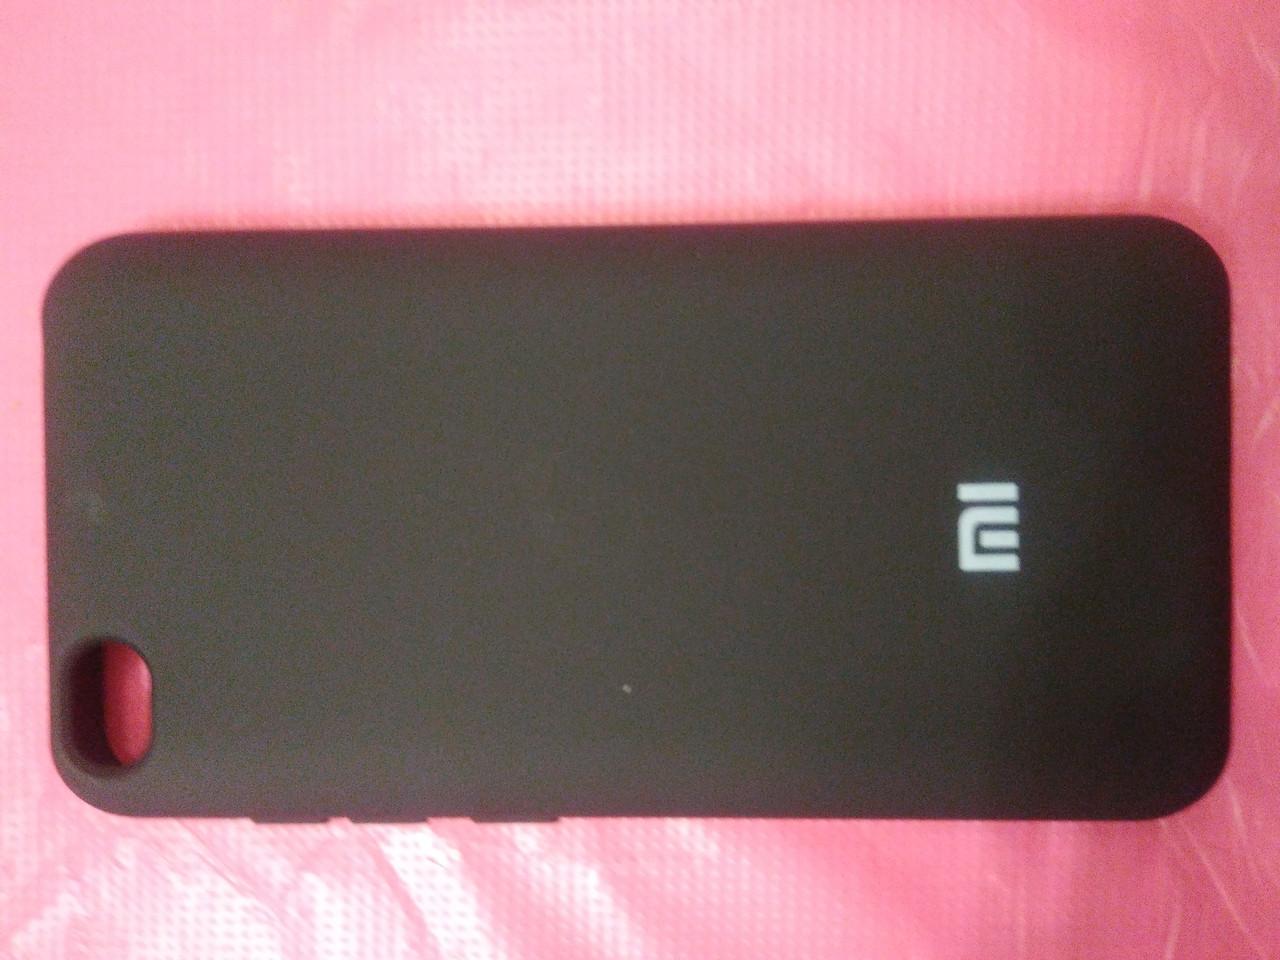 Накладка   Silicon Cover full   для  Xiaomi Redmi GO (черный)